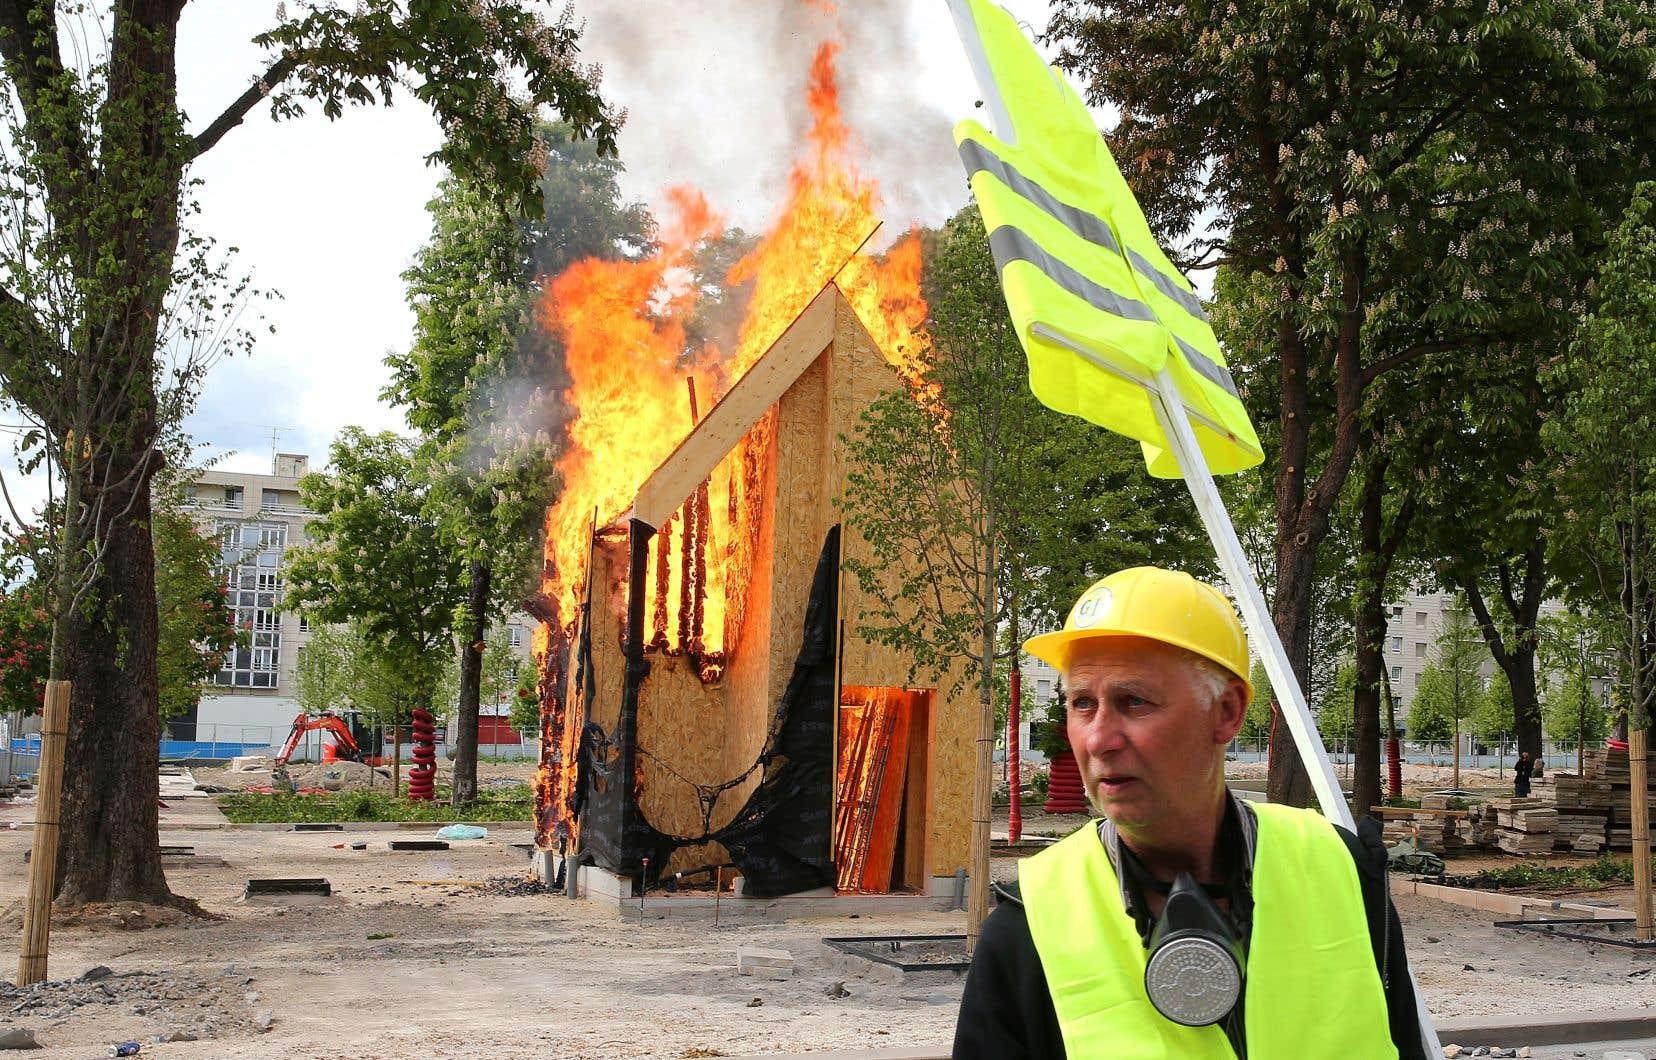 À Reims (est), des heurts ont eu lieu, une vingtaine de vitrines ont été vandaliséeset au moins deux manifestants ont été blessés.